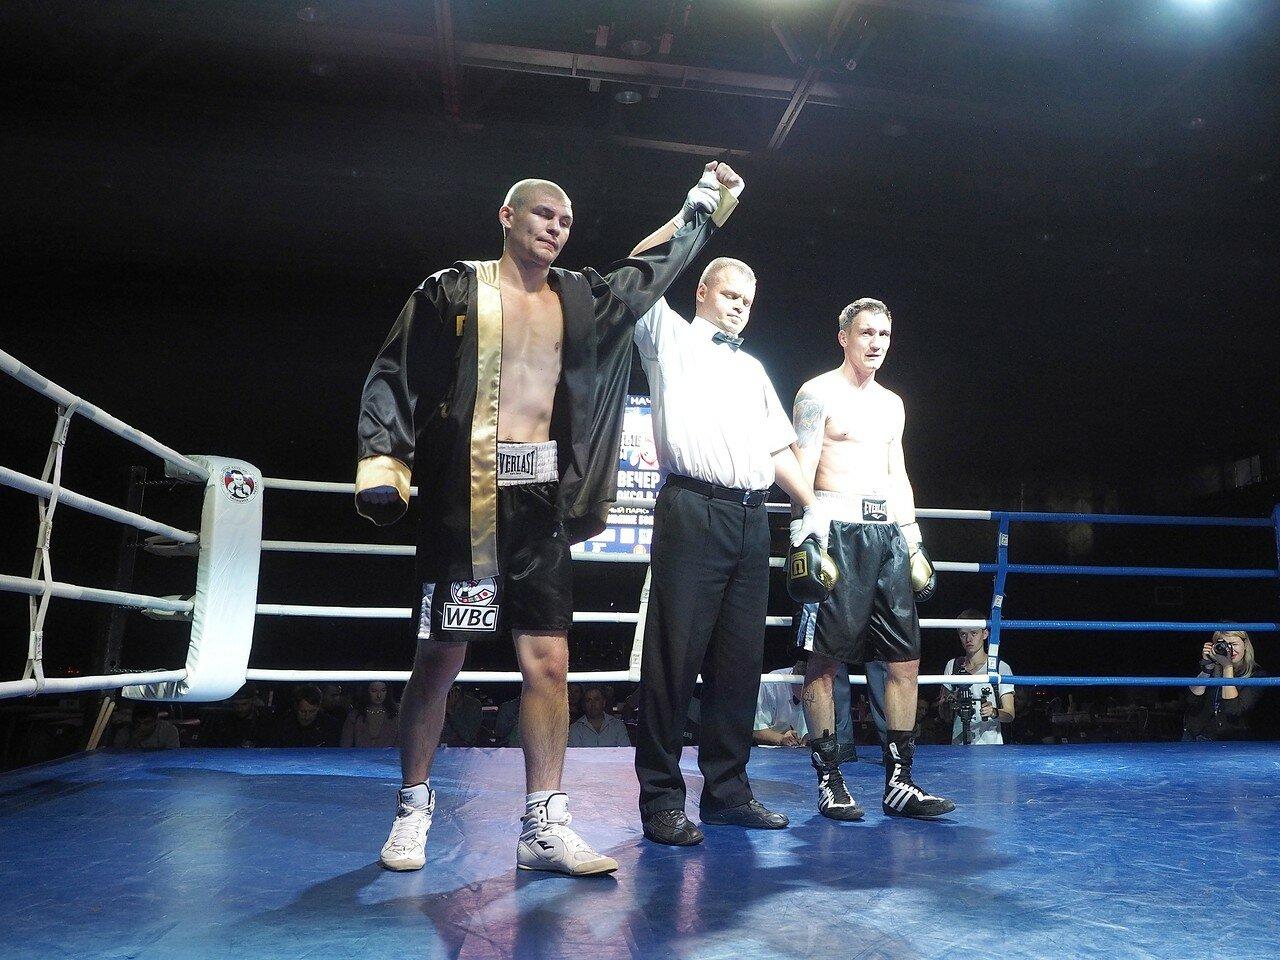 96 Вечер профессионального бокса в Магнитогорске 06.07.2017